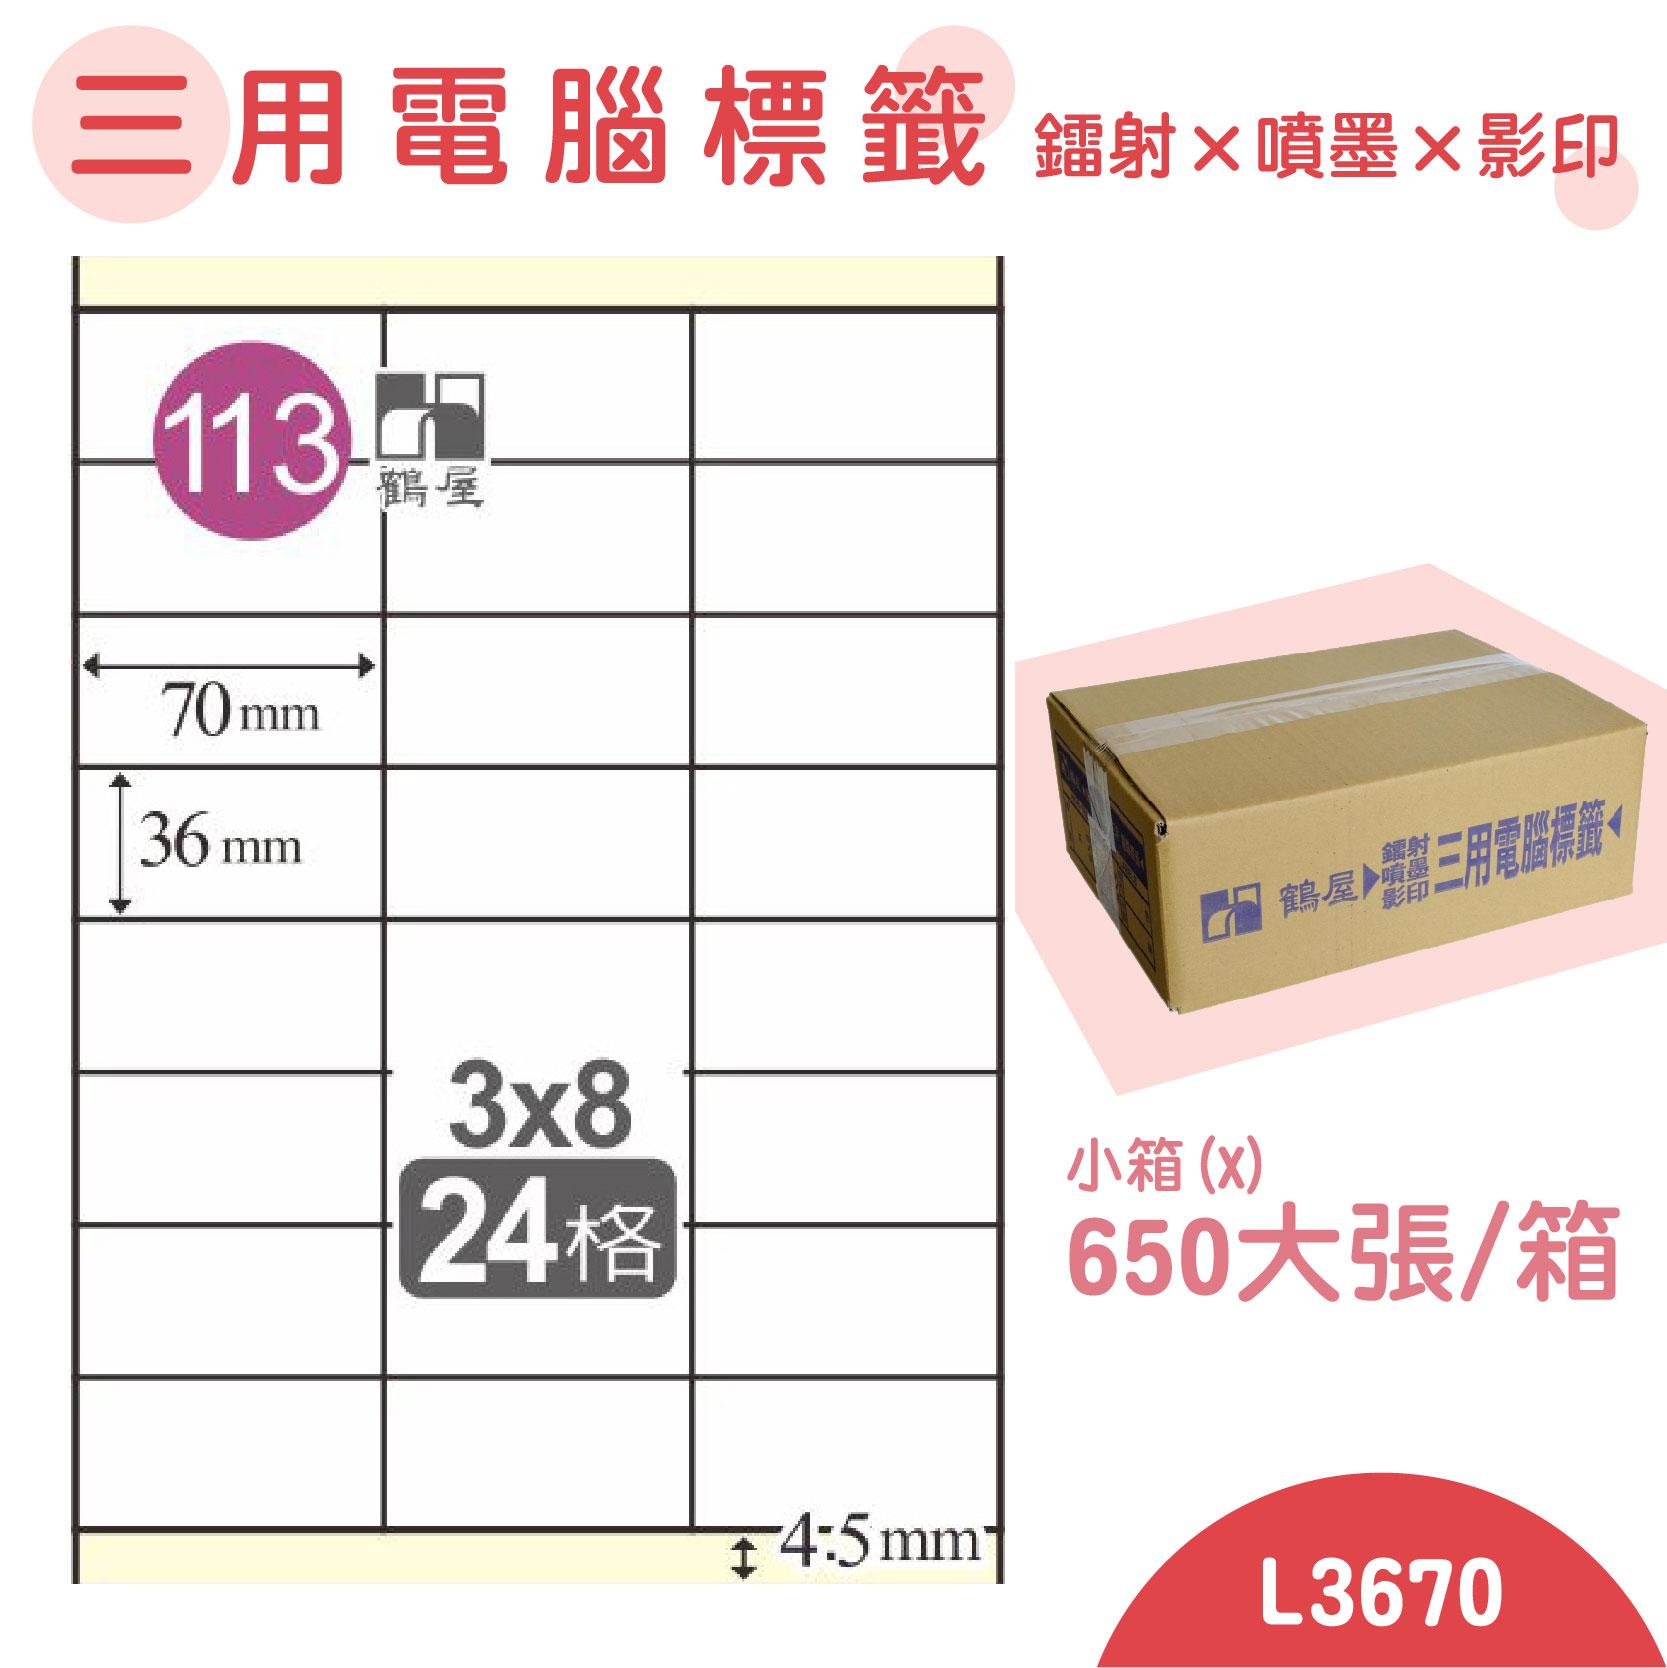 電腦標籤紙(鶴屋) 白色 L3670 24格 650大張/小箱 影印 雷射 噴墨 三用 標籤 貼紙 信封 光碟 名條